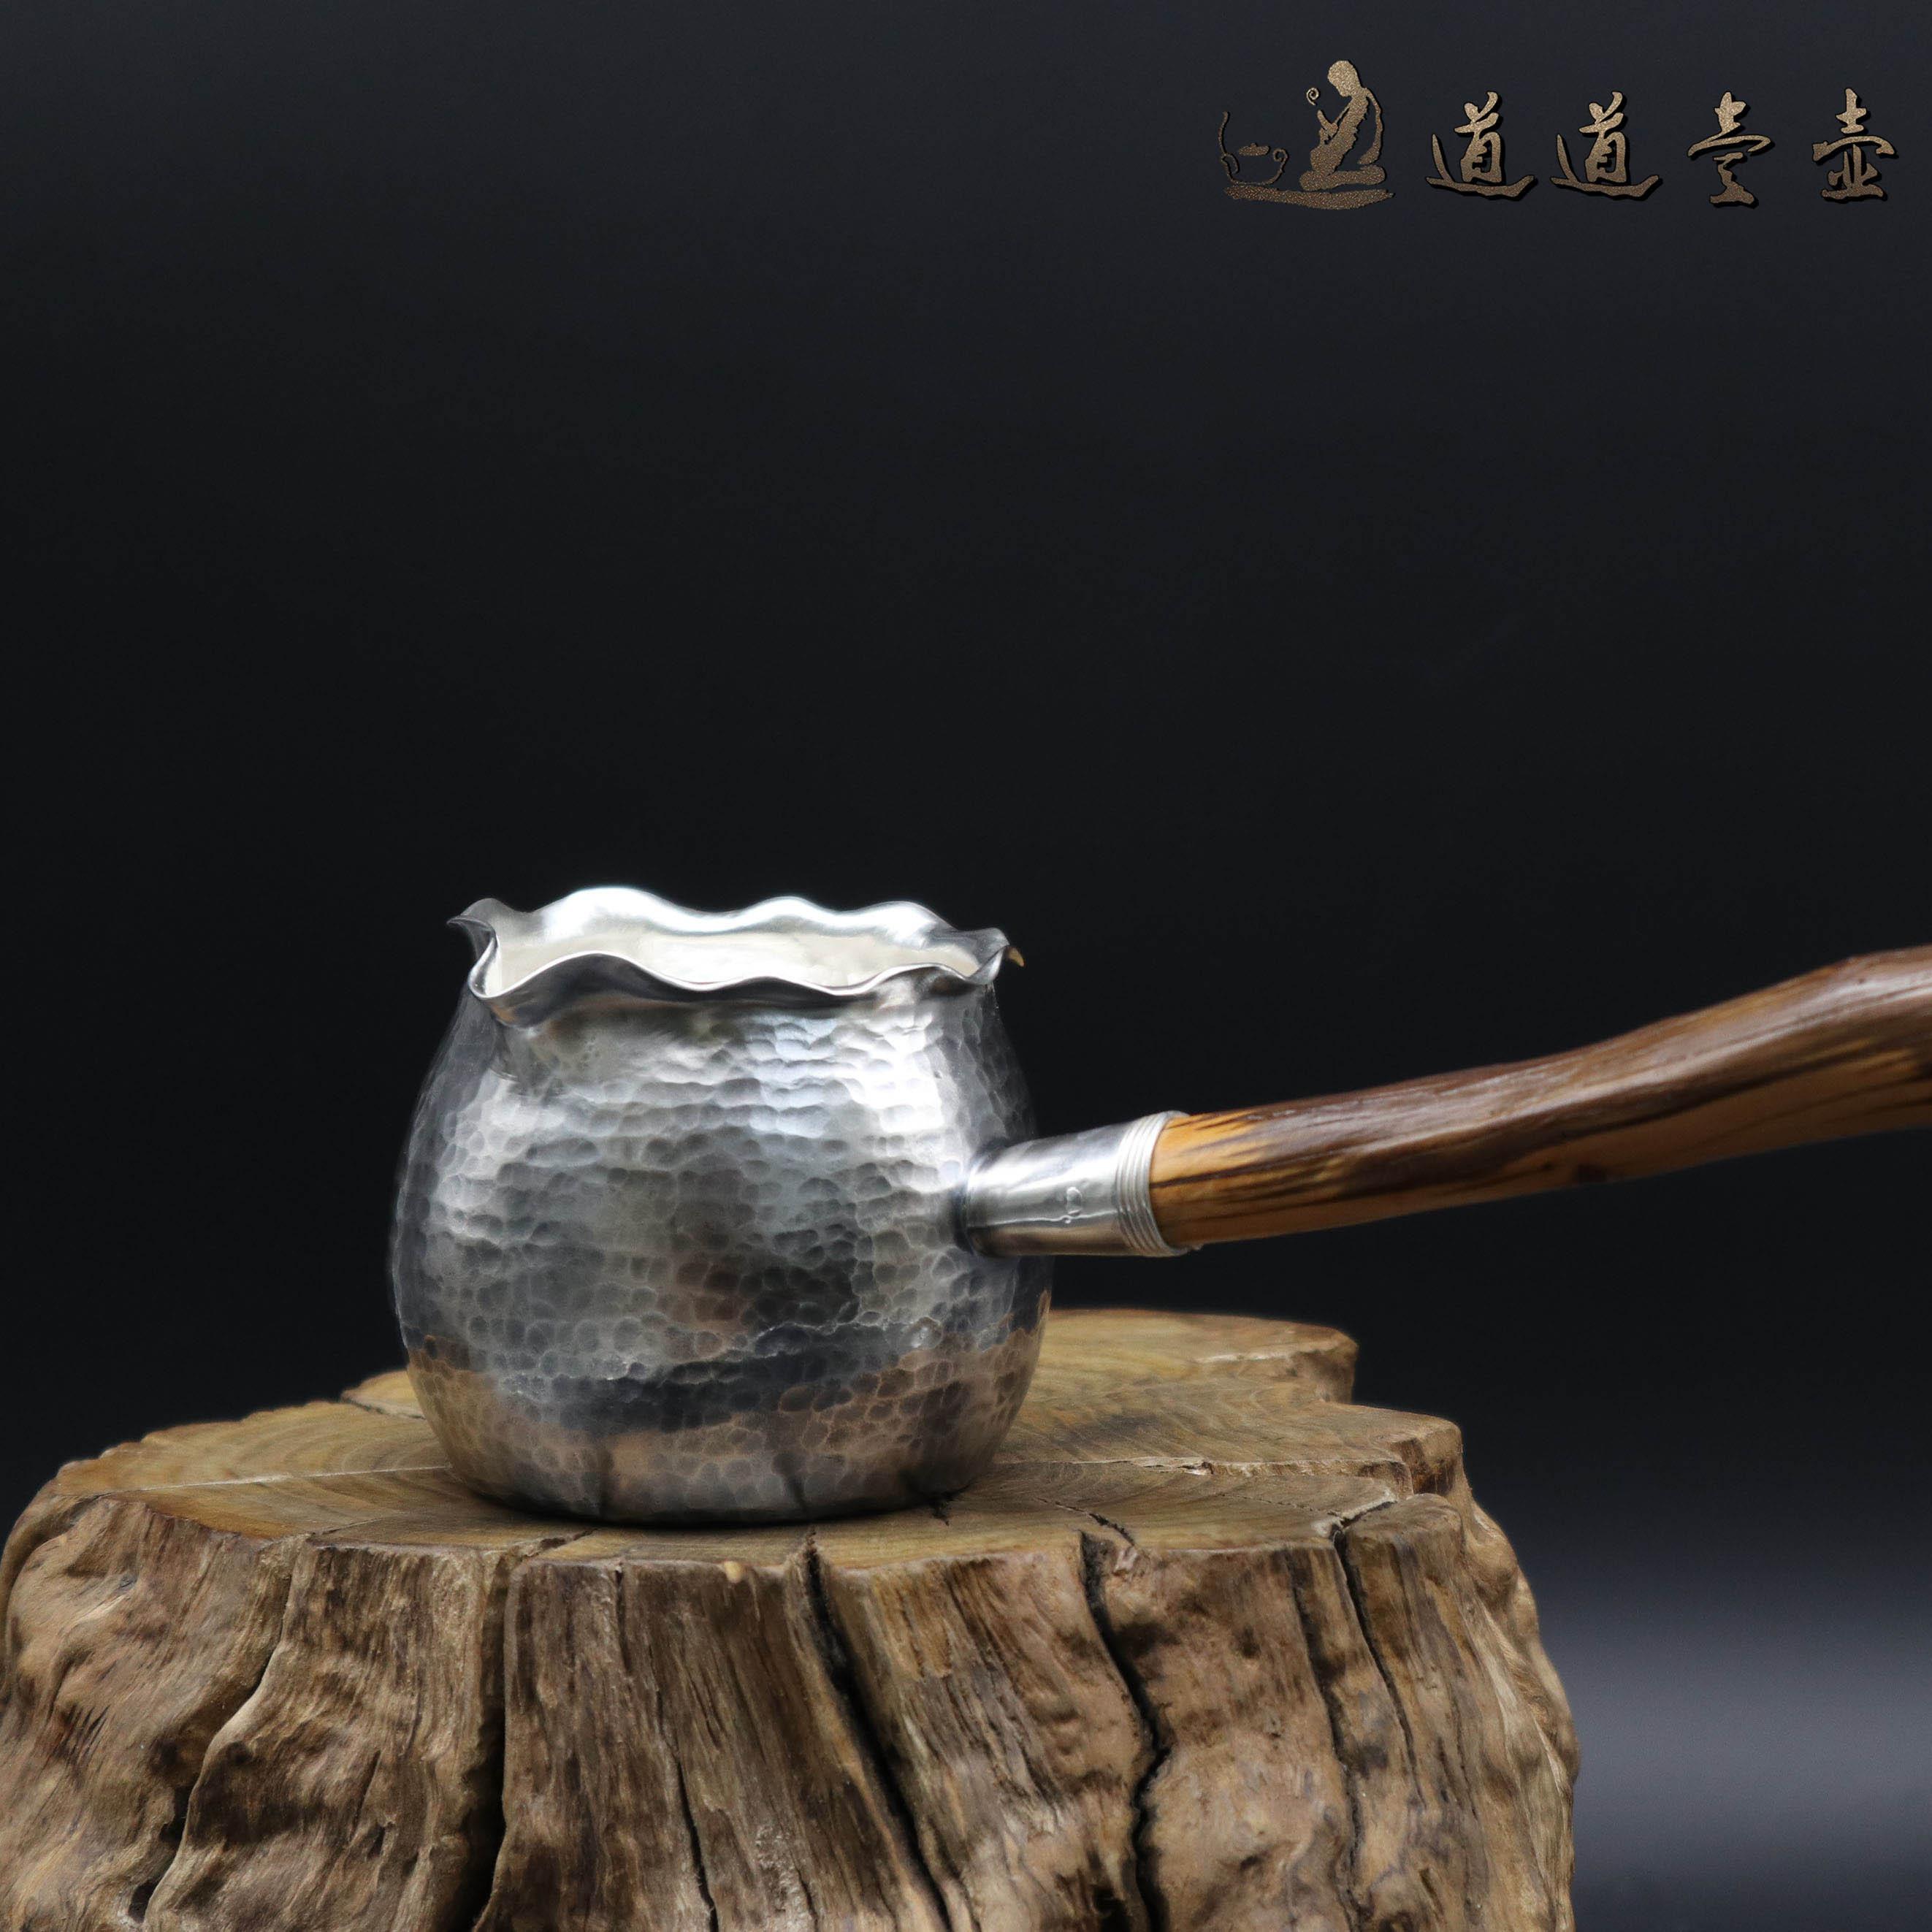 【钱袋】S999纯银手工 公道杯